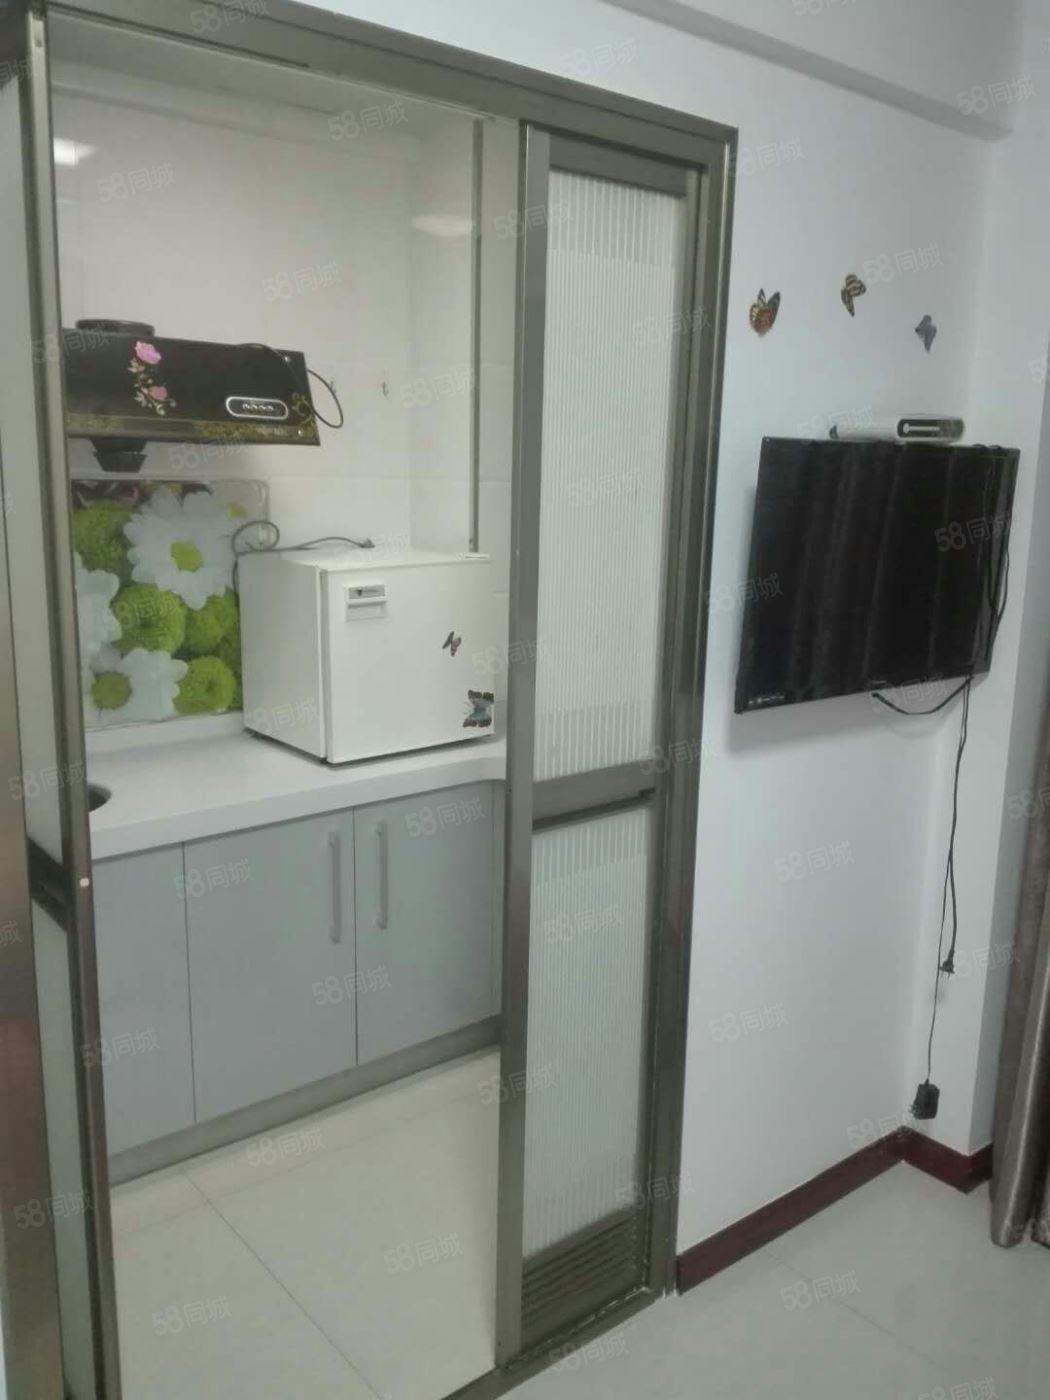 丽人公寓,31平1室,家具家电齐全,年租1.1万包物业费!